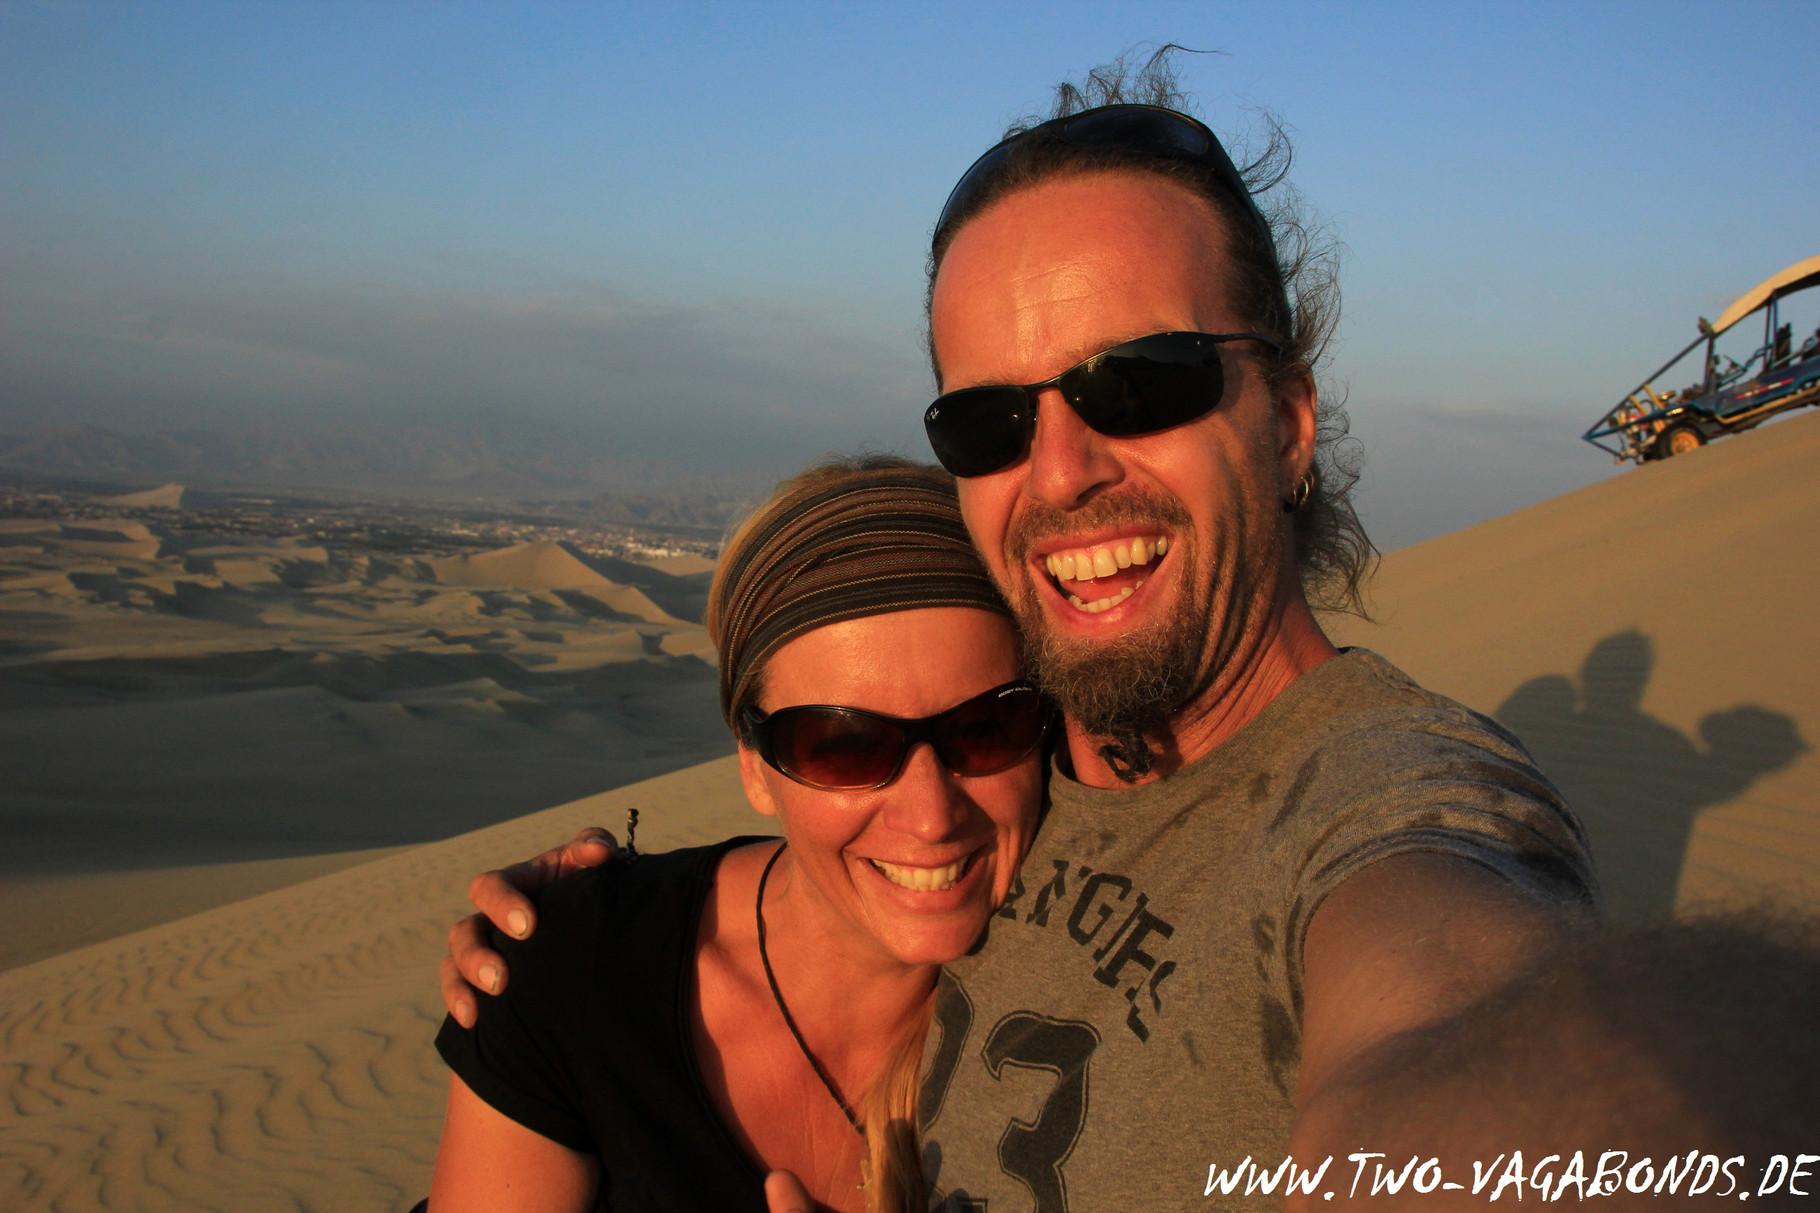 PERU 2015 - IN THE DESERT